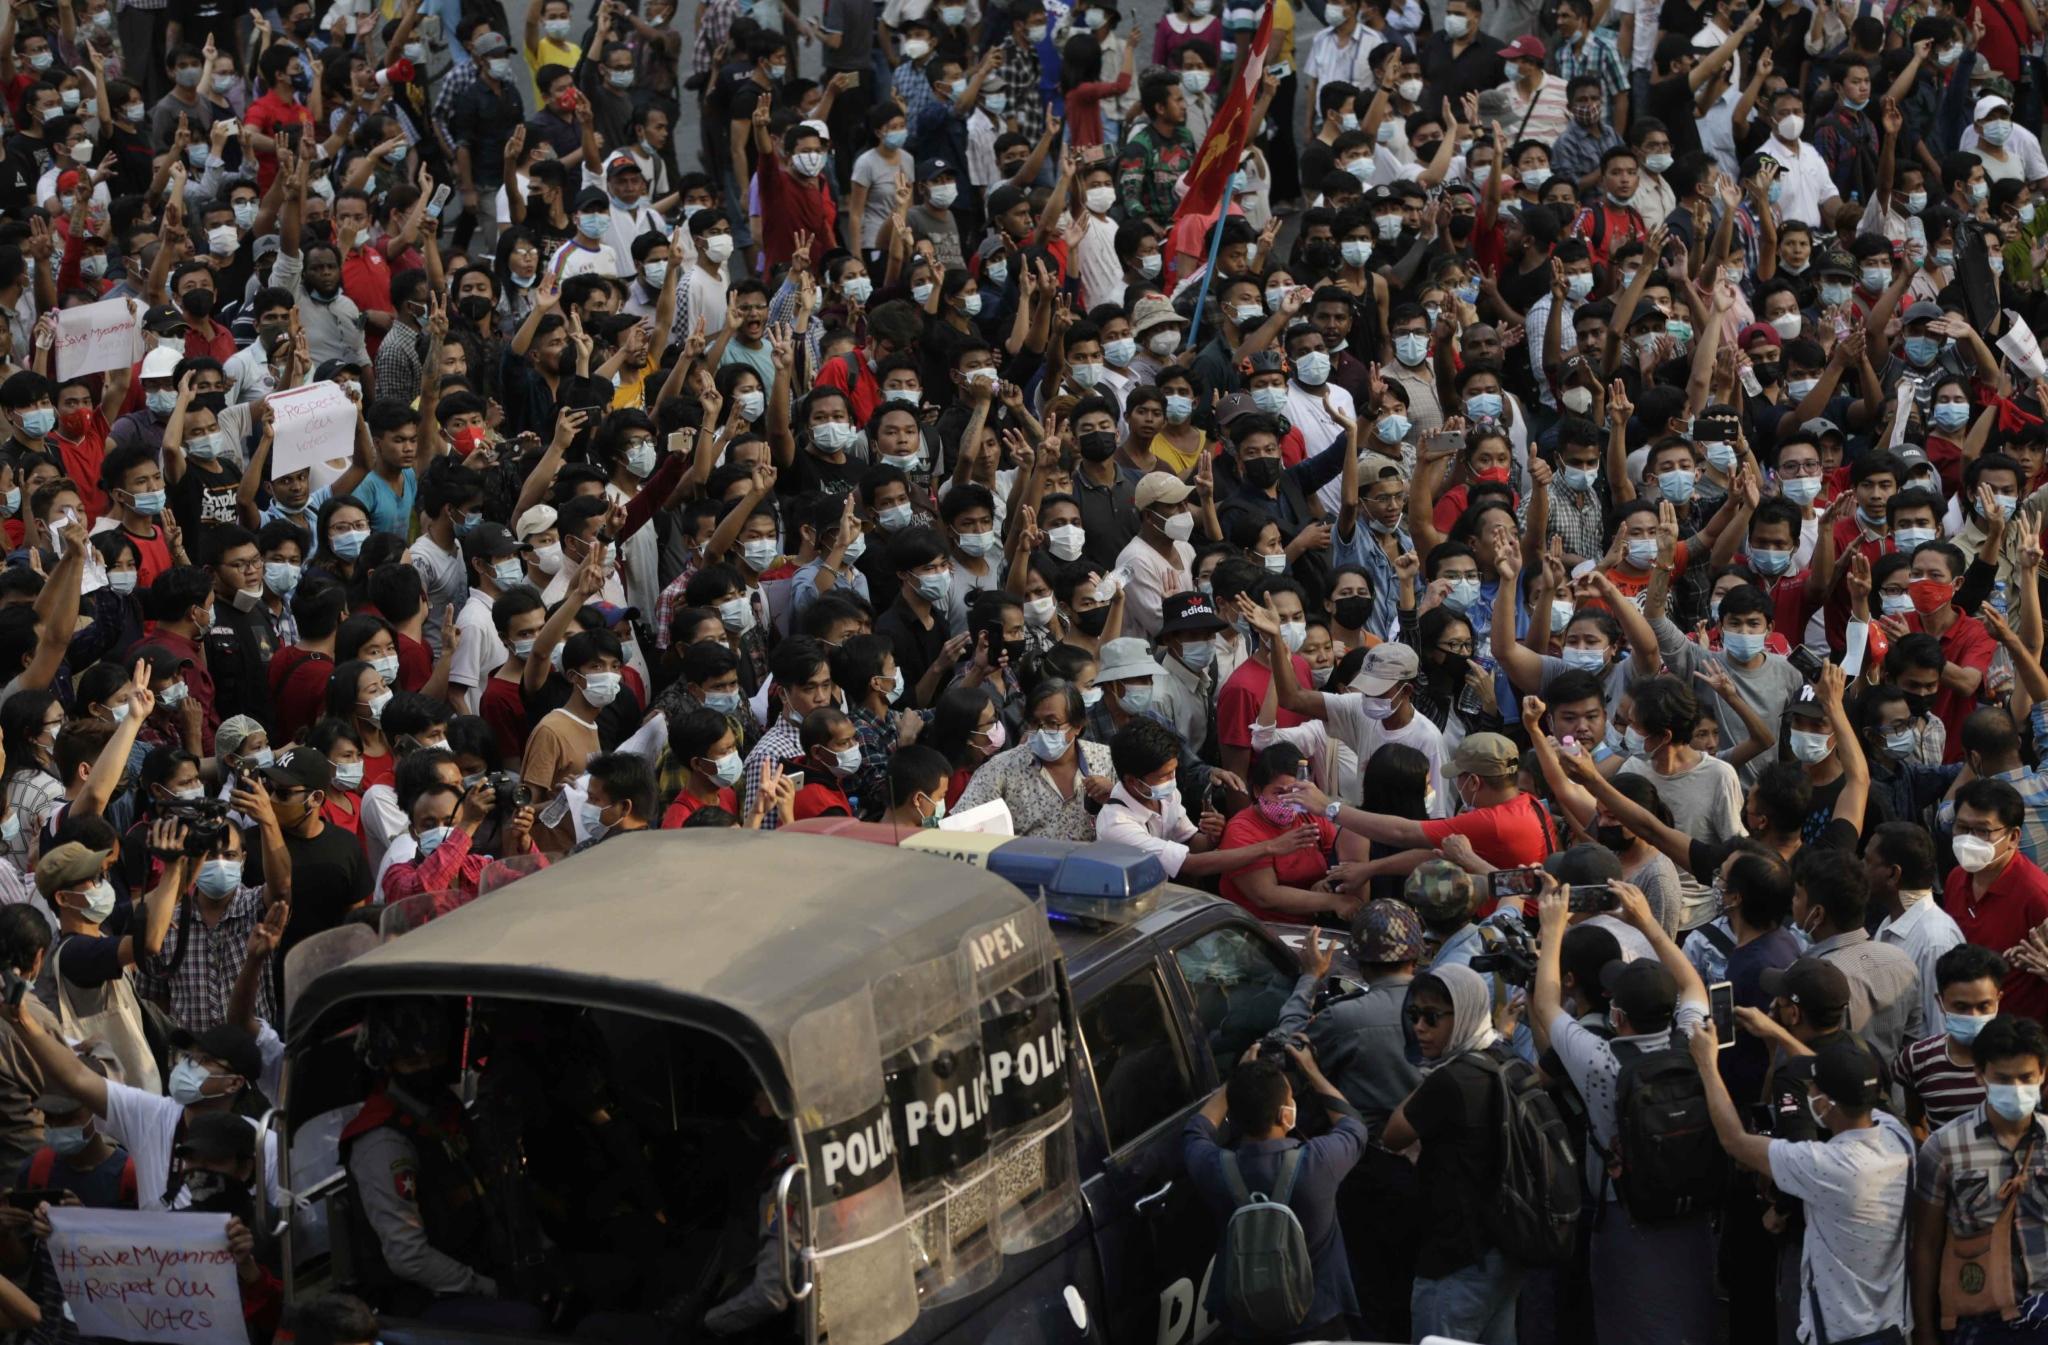 缅甸民众抗议。澎湃影像 资料图